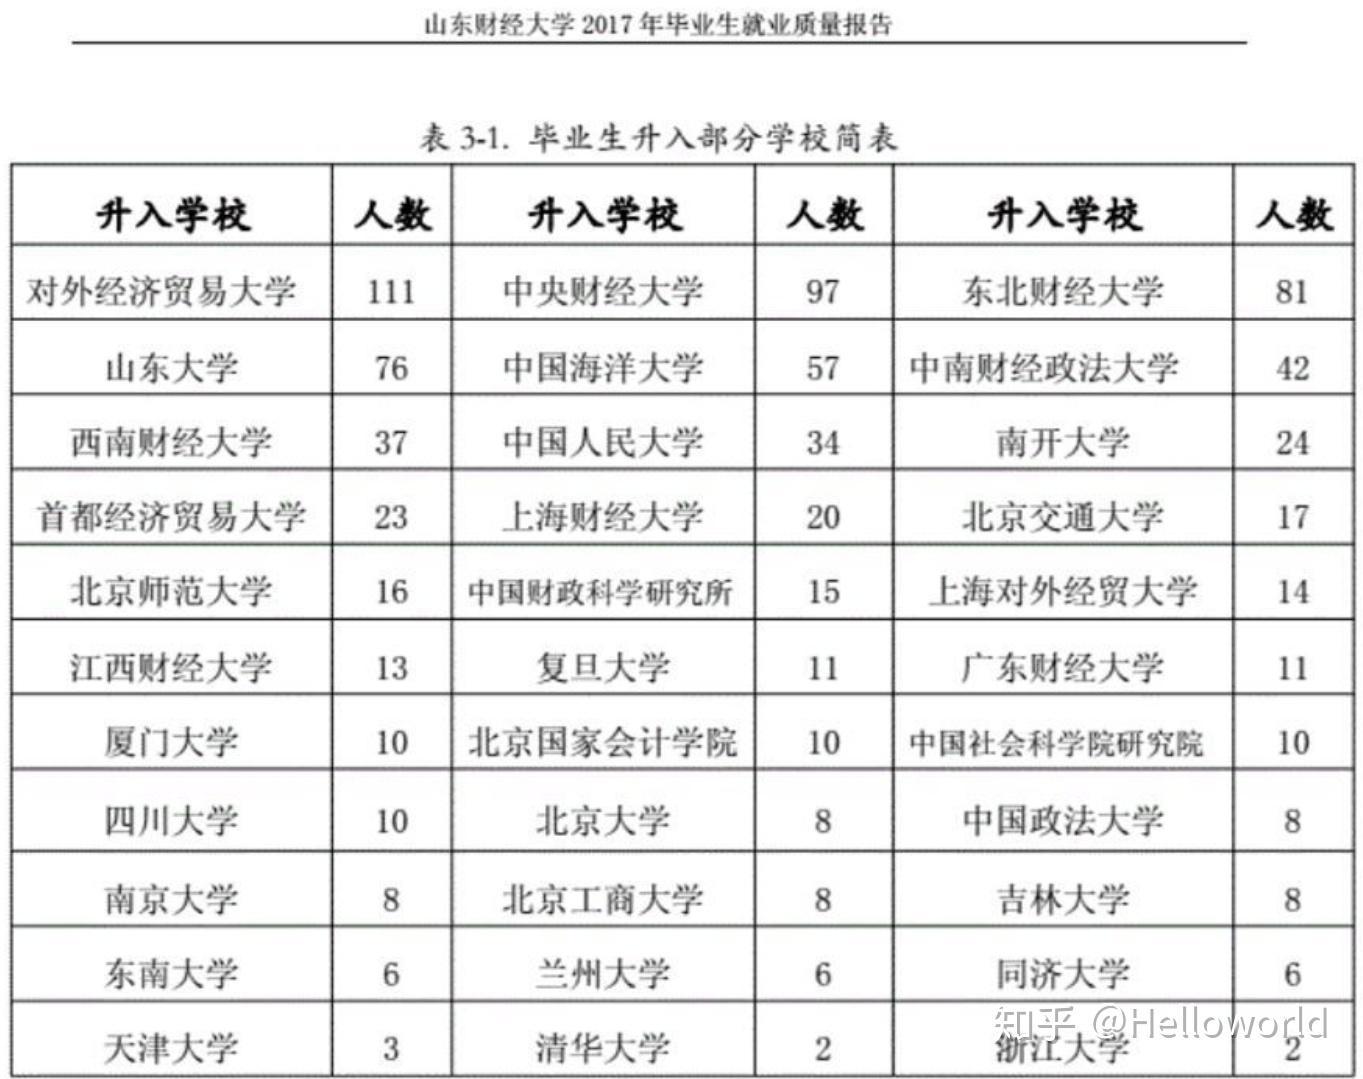 天津财经大学排名_天津财经大学